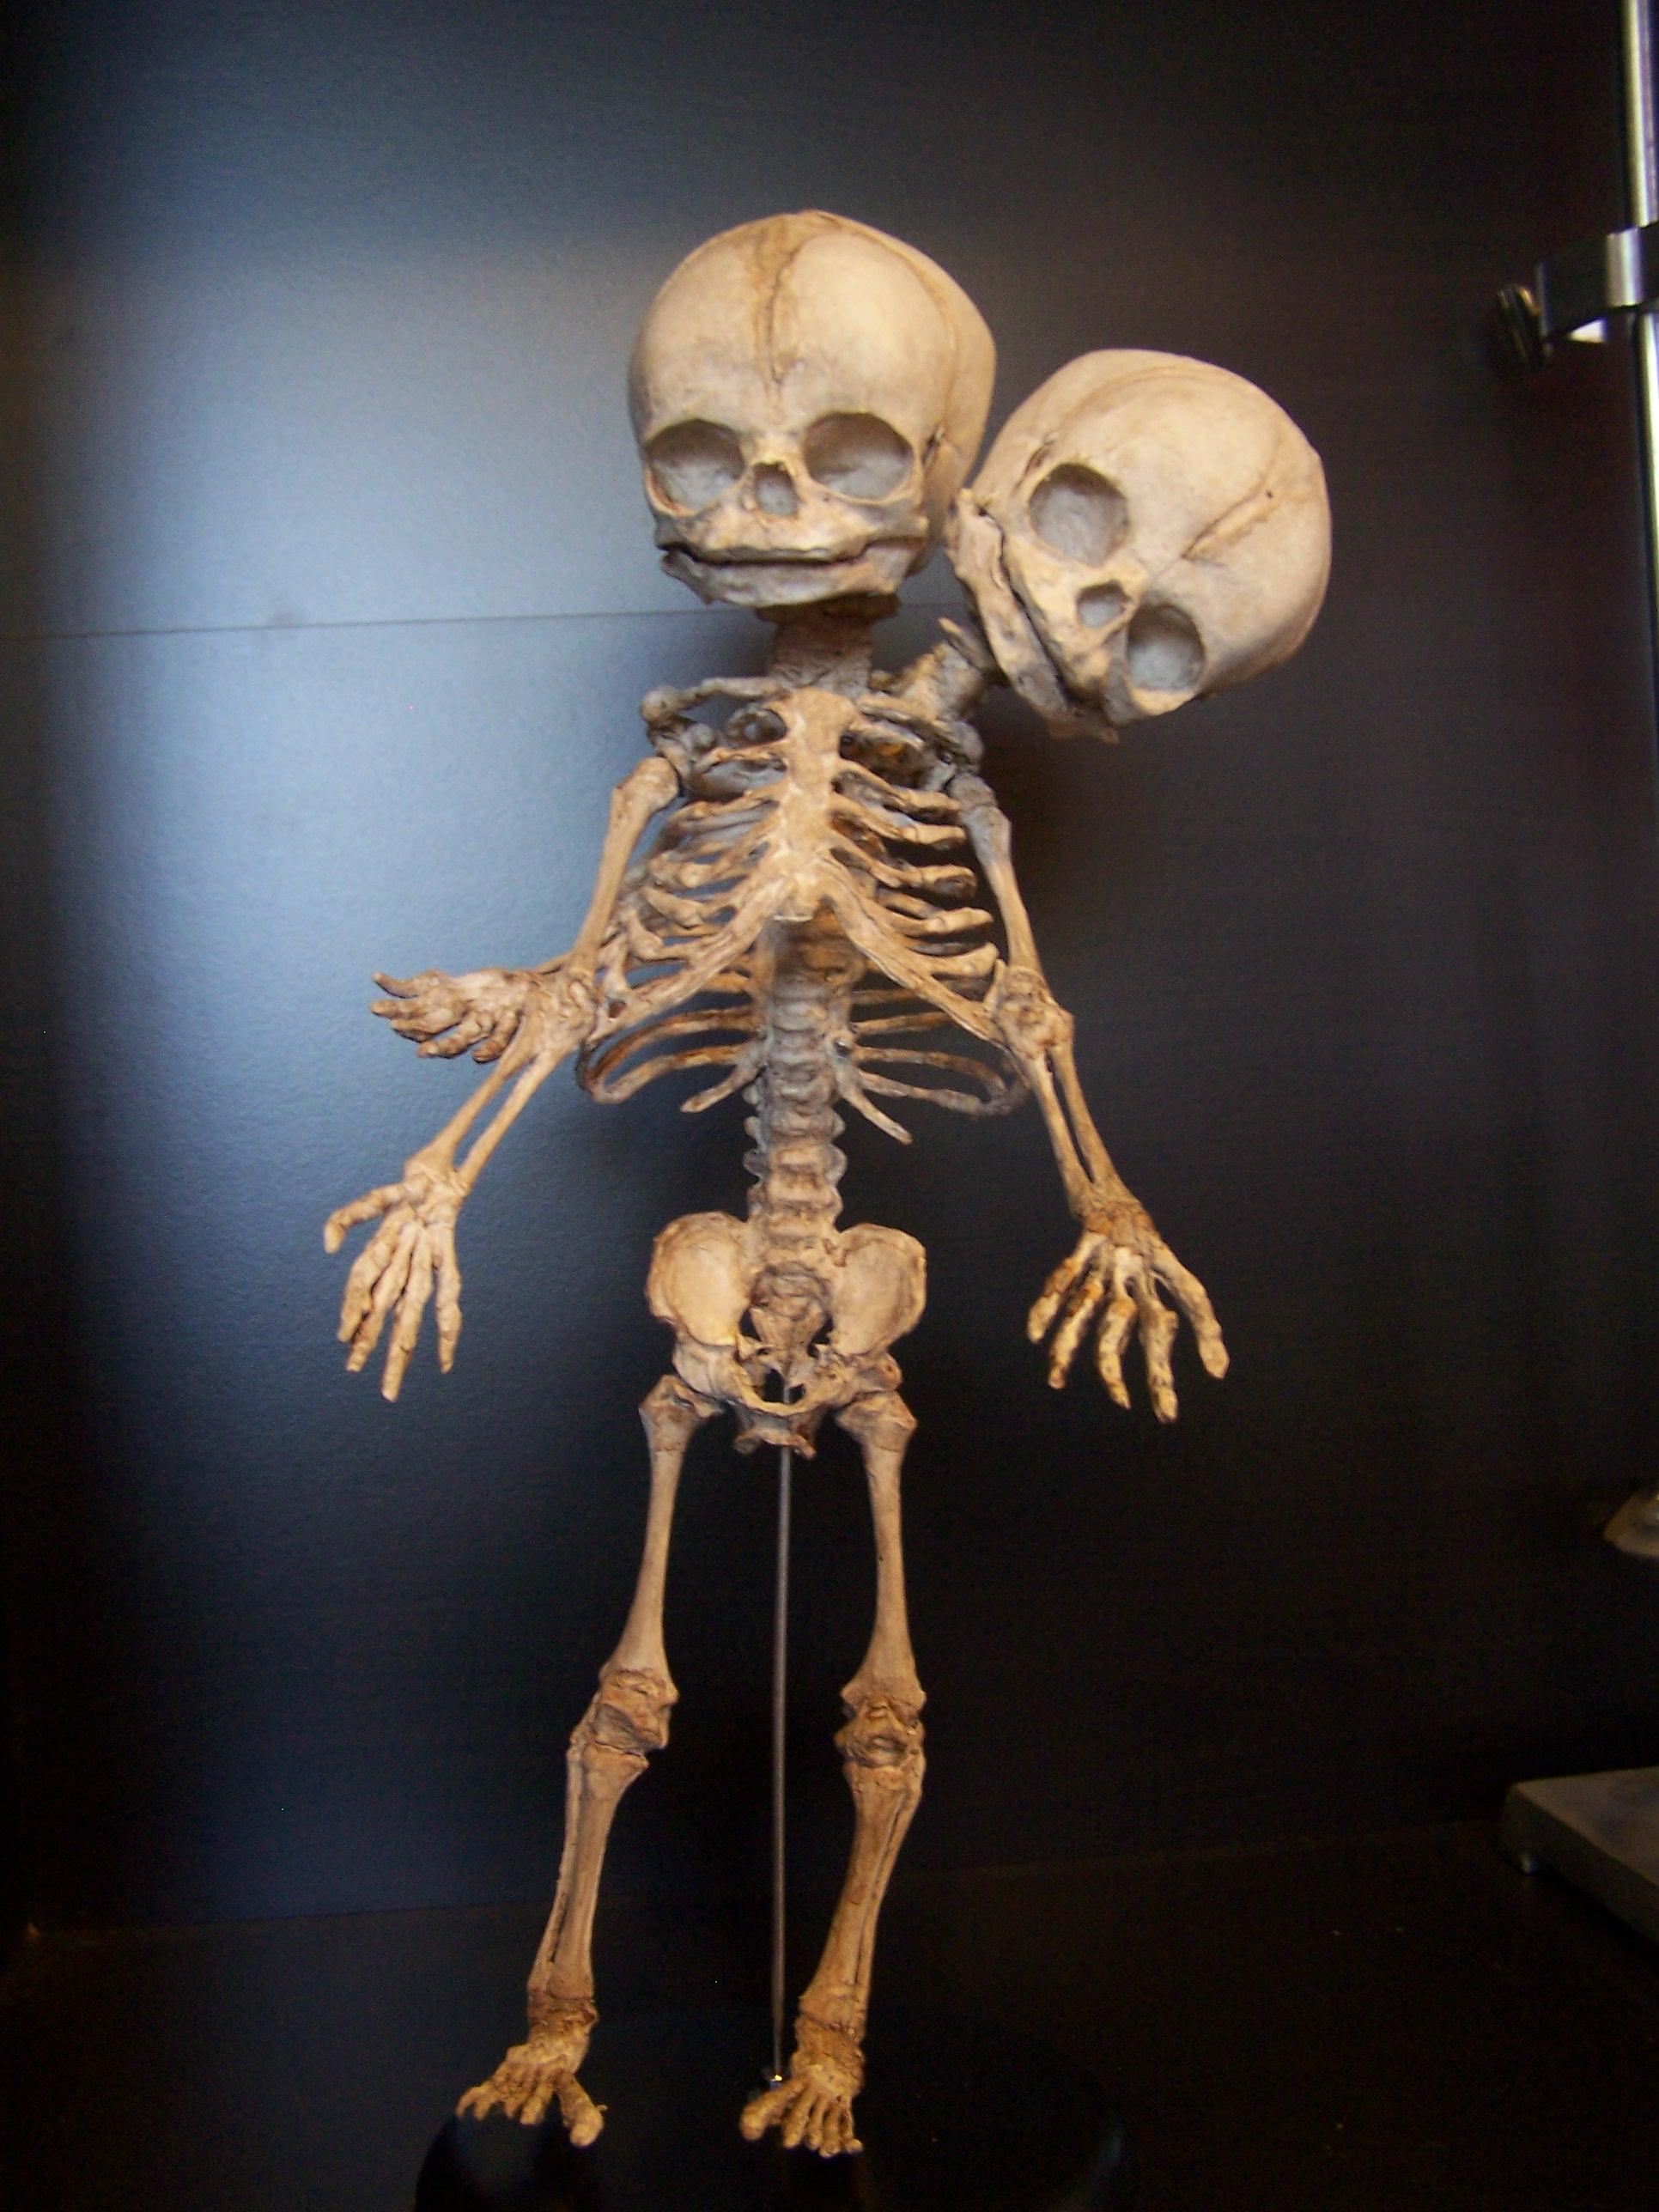 Mutated skeletons - two headed prototype  33.JPG